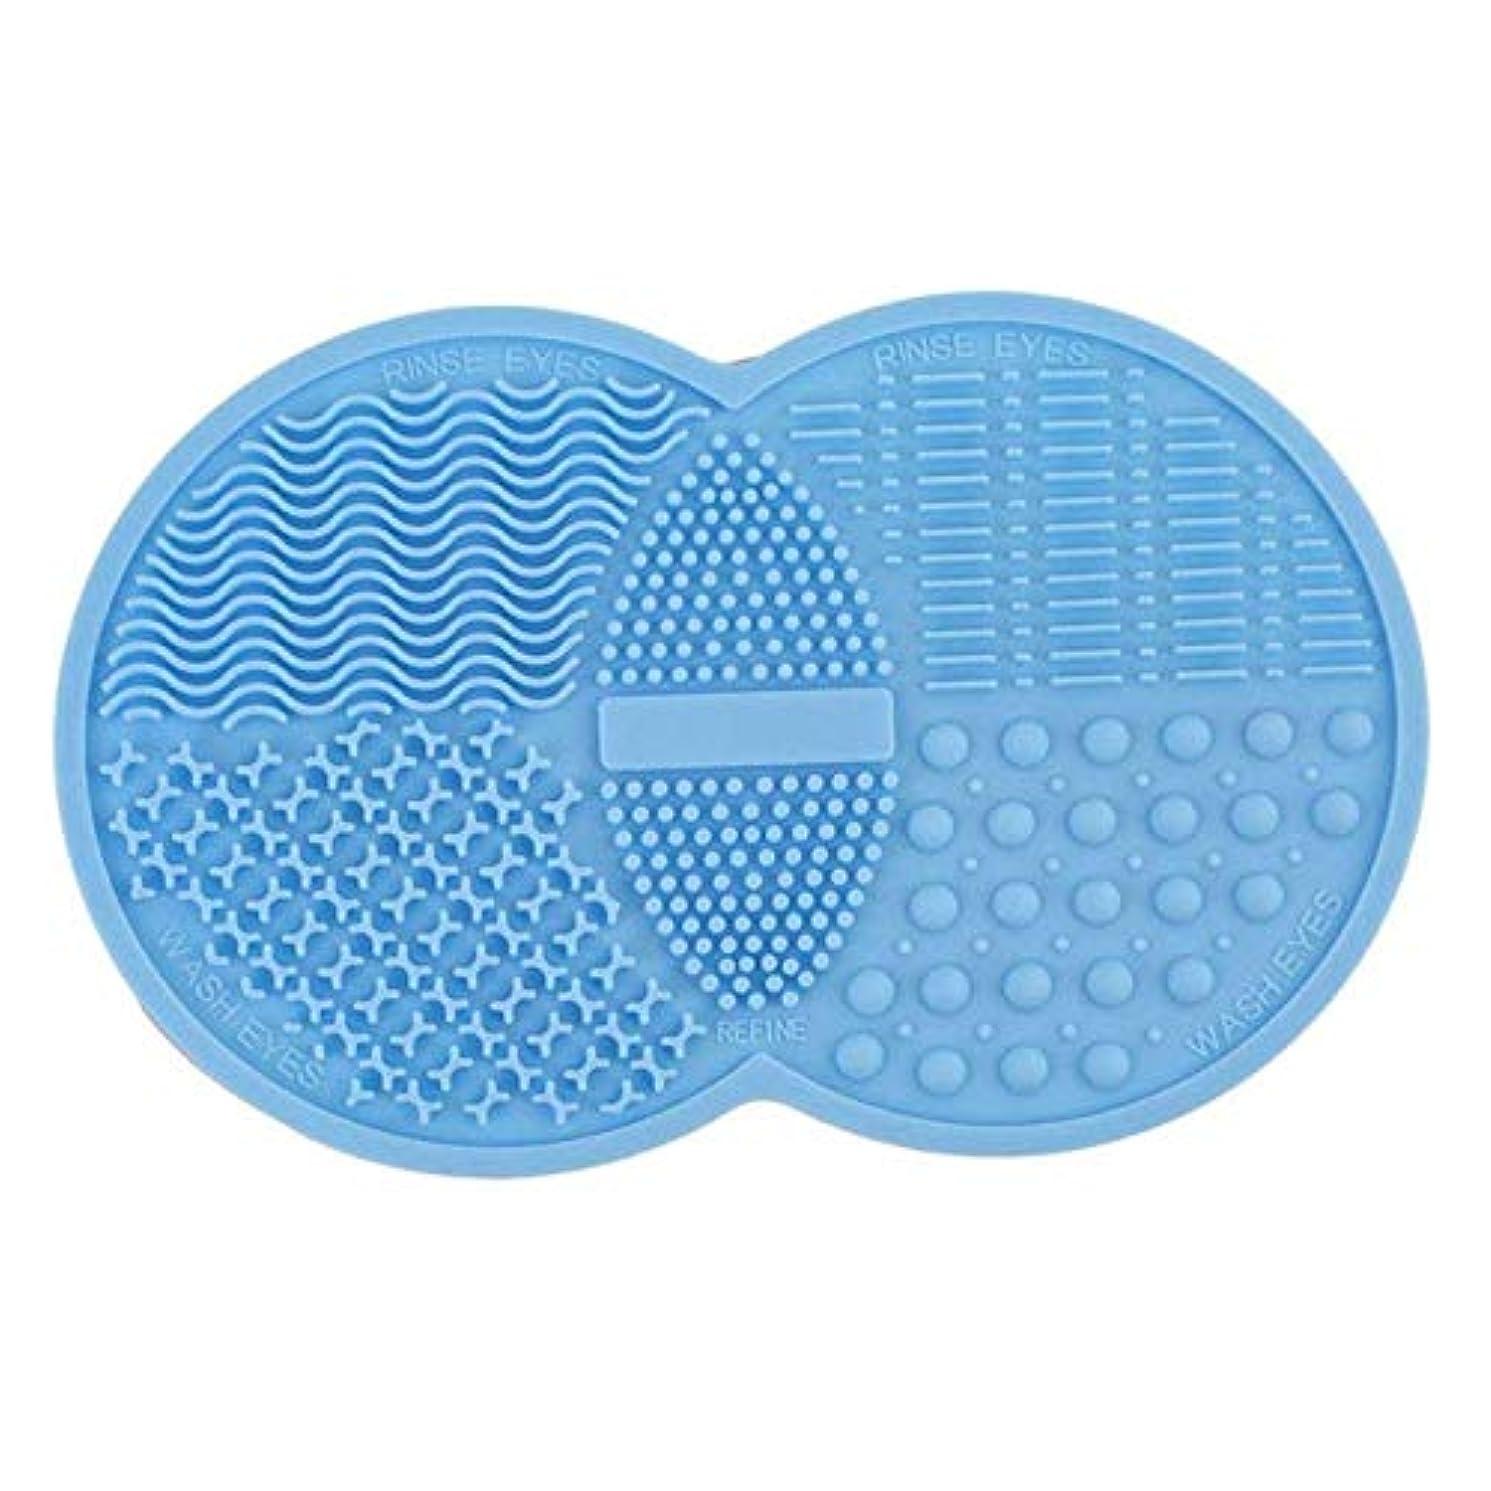 解任根絶する土Pichidr-JP 化粧ブラシクリーニングマット家庭用と旅行用サクションカップ付きポータブル洗浄ツールスクラバー(ブルー)